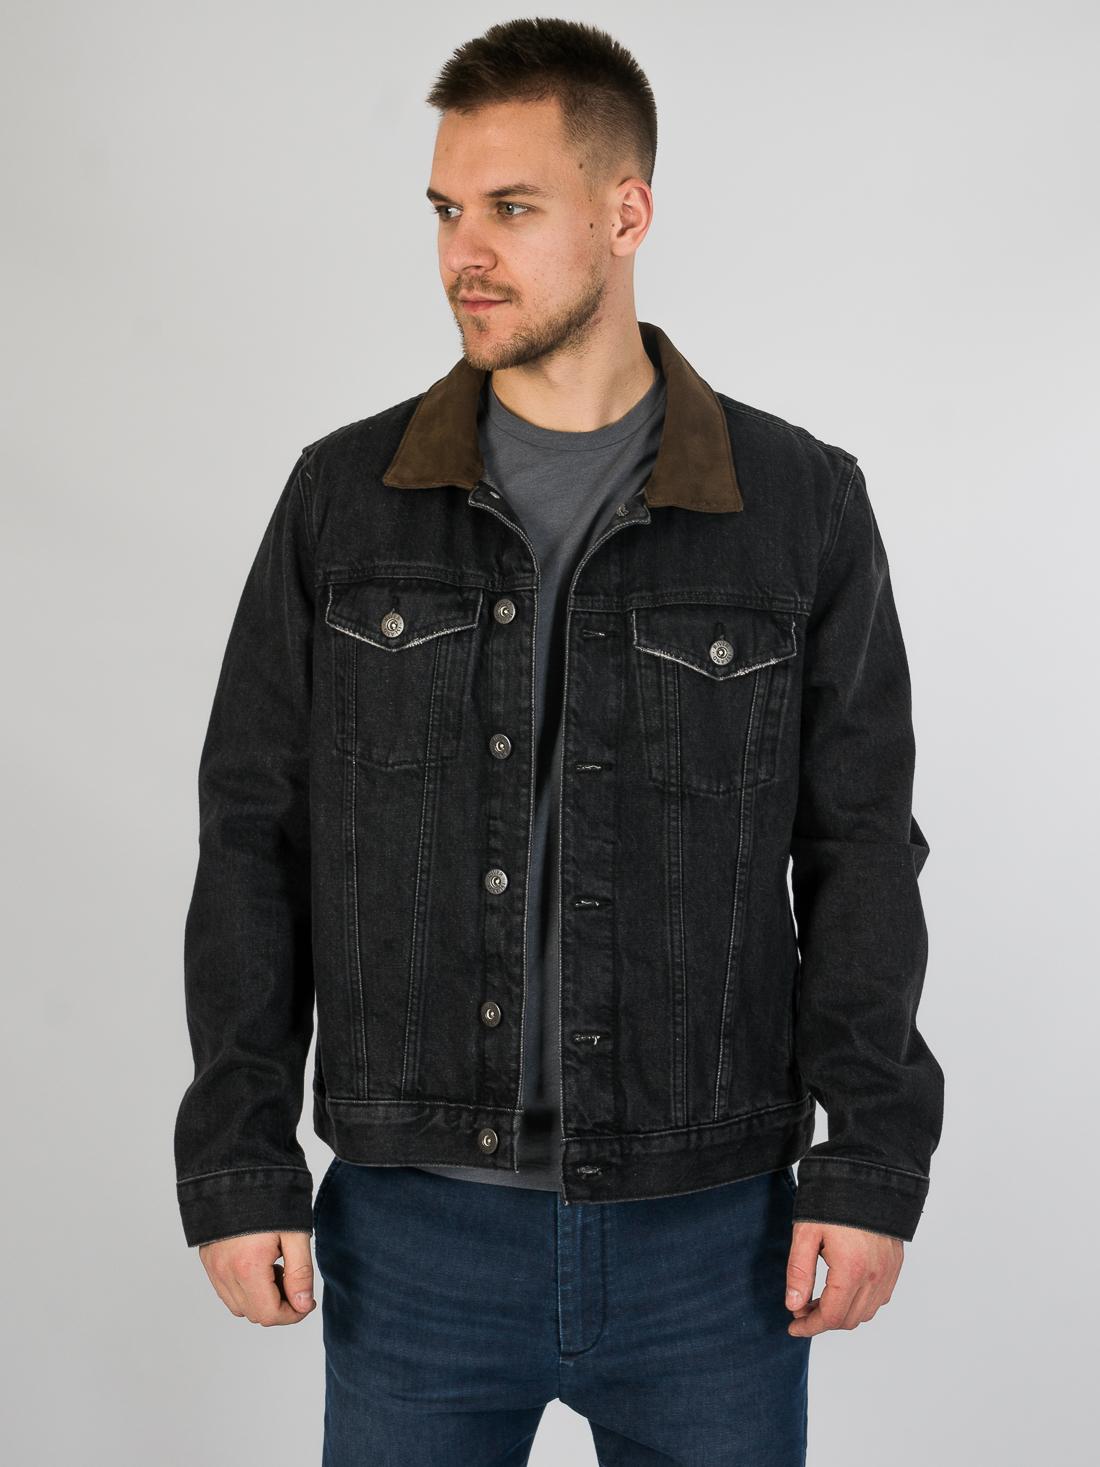 Джинсовая куртка River Island 090320/68 Серый Free Style